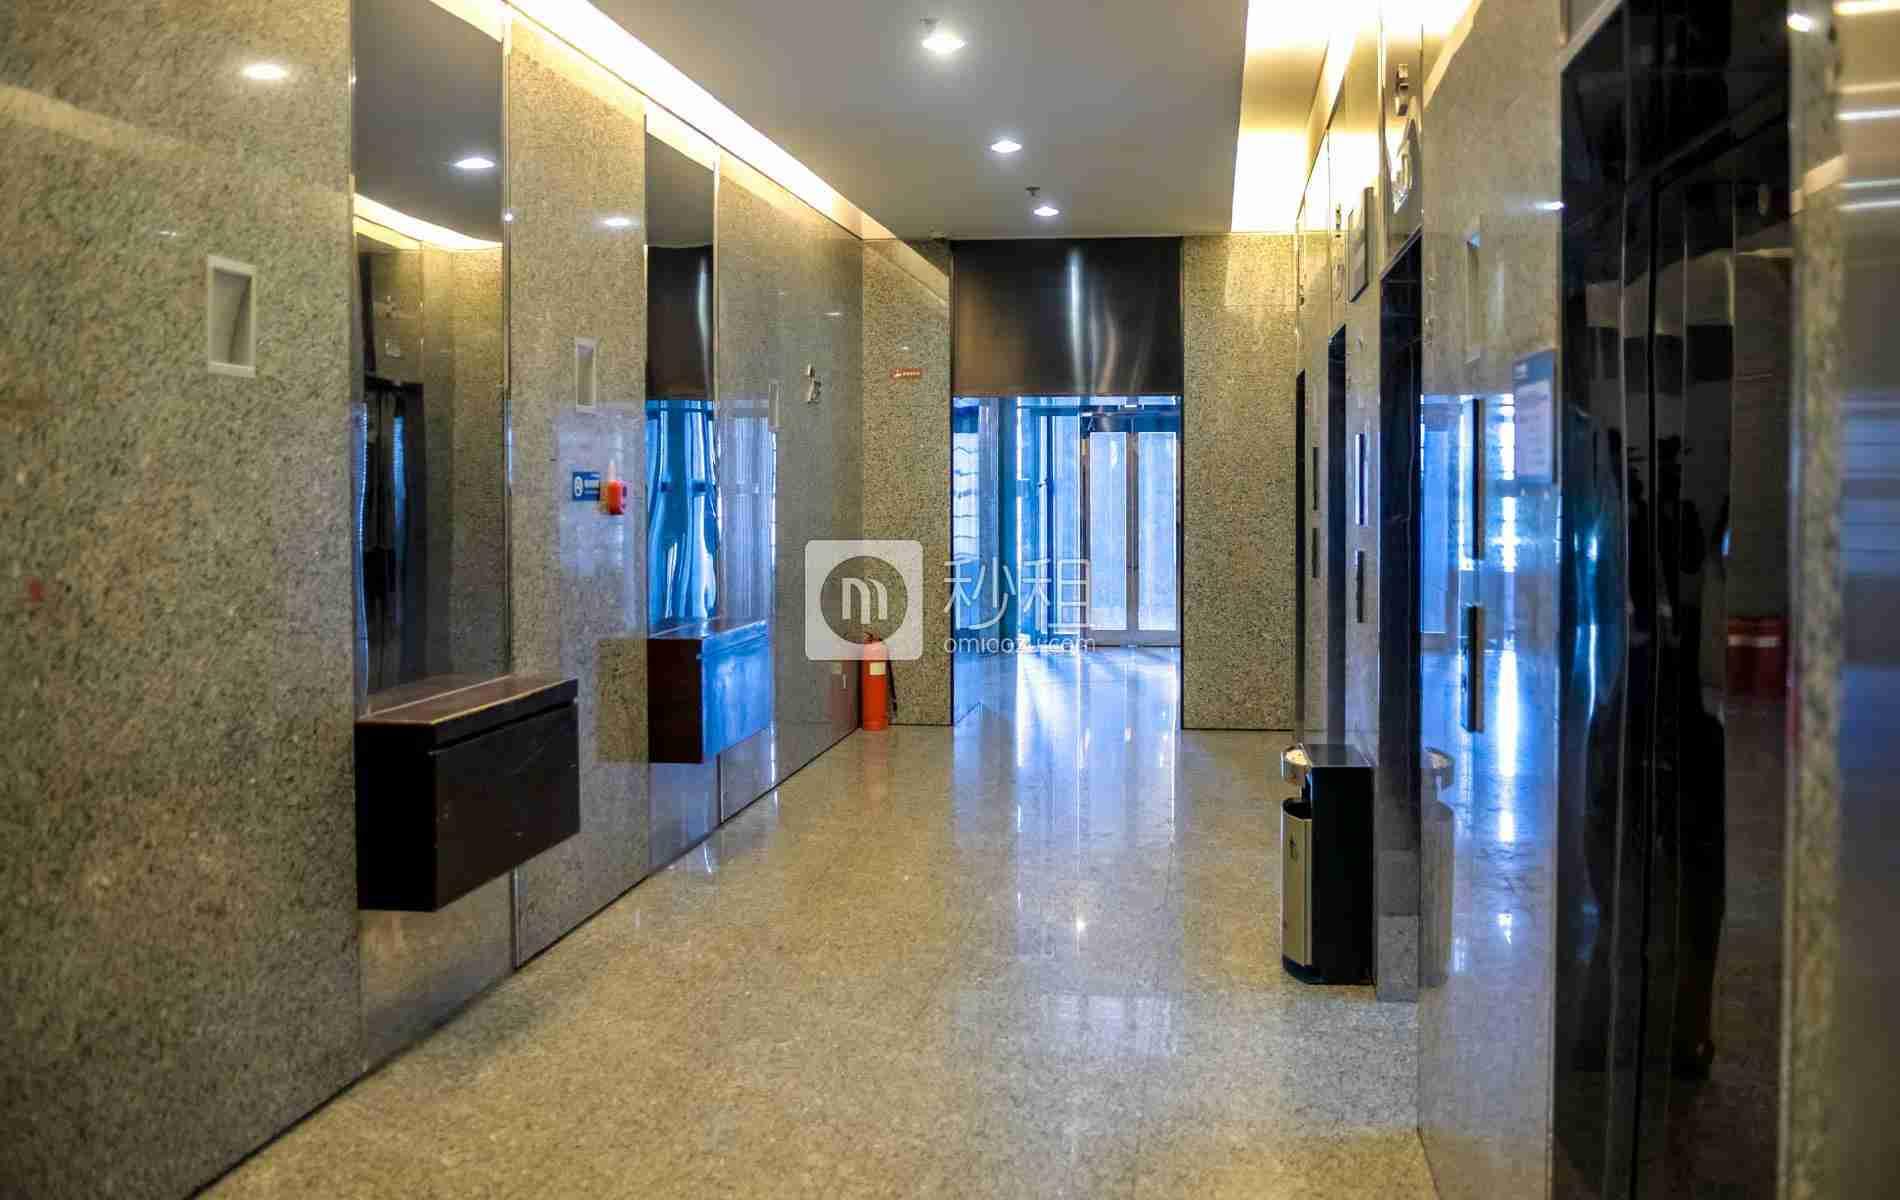 颐和国际写字楼出租/招租/租赁,颐和国际办公室出租/招租/租赁